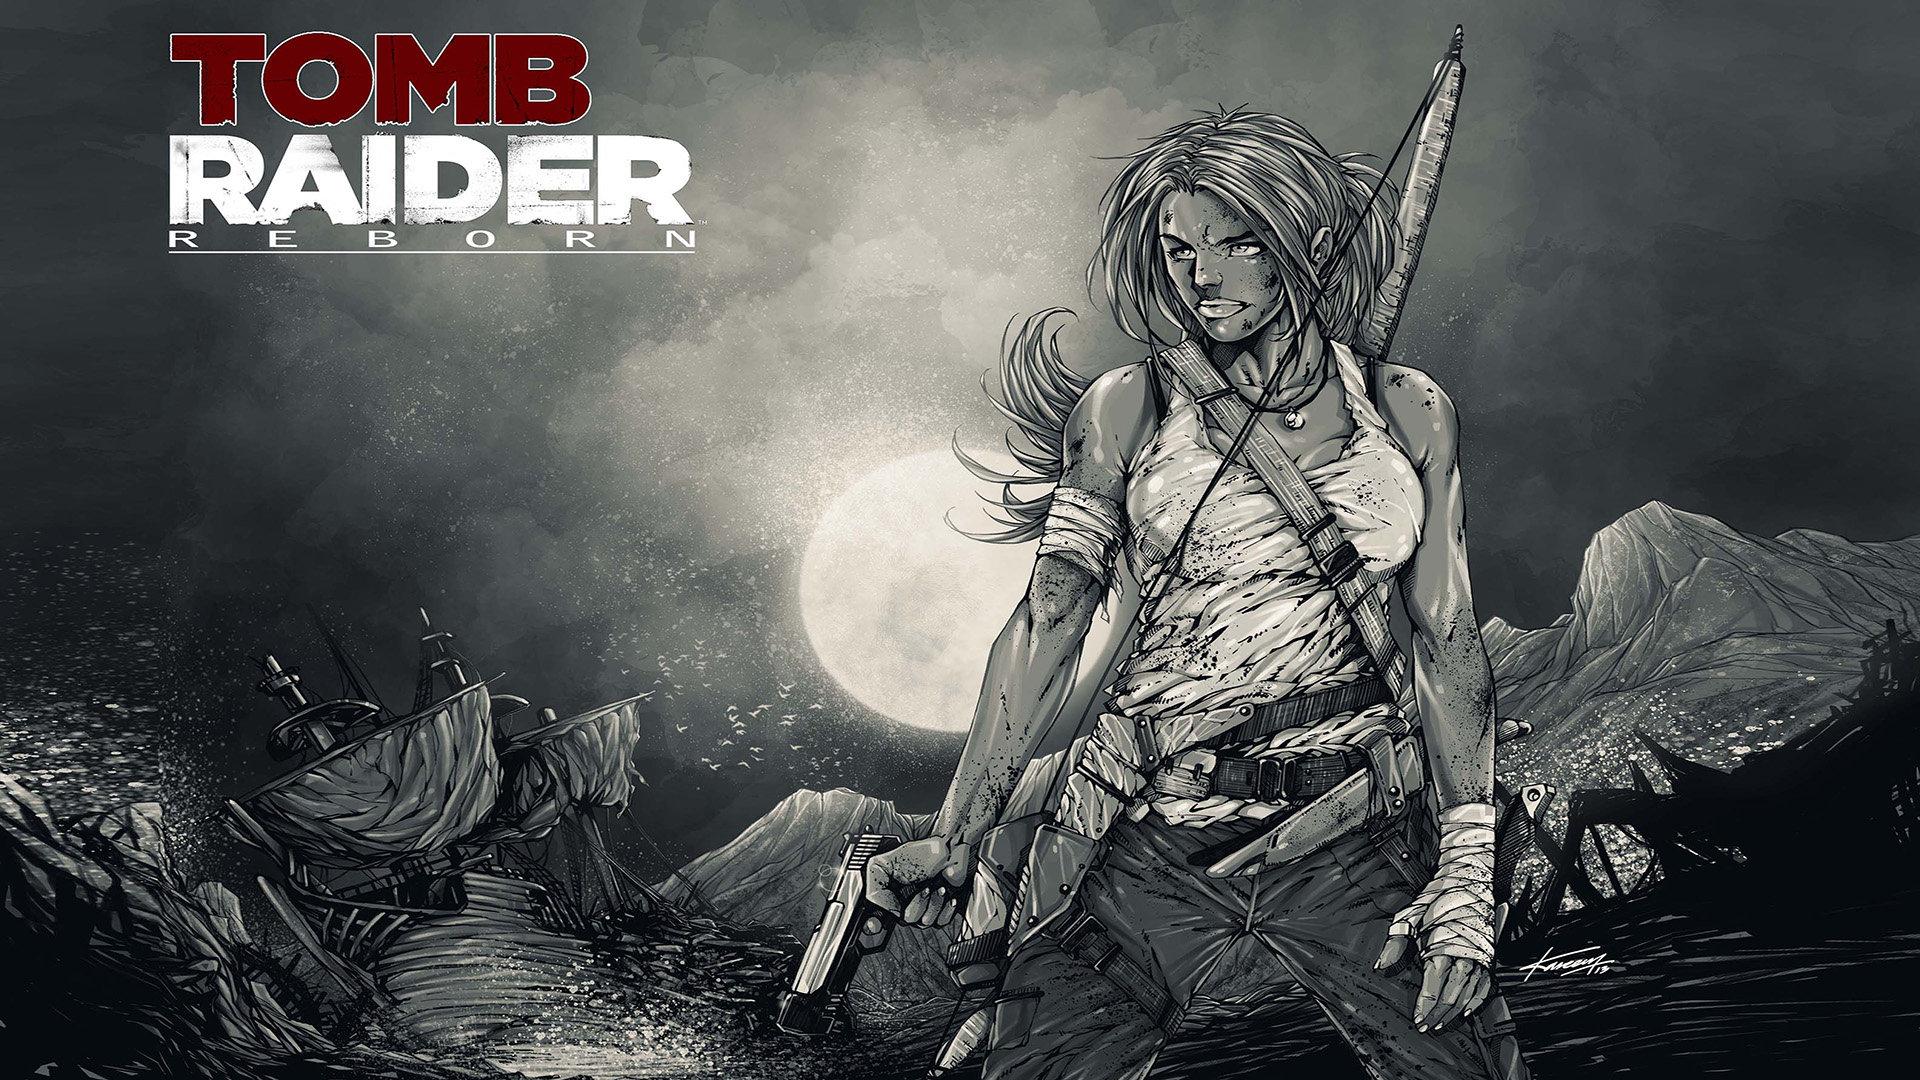 Kareem ahmed tomb raider lara rebo2235rn